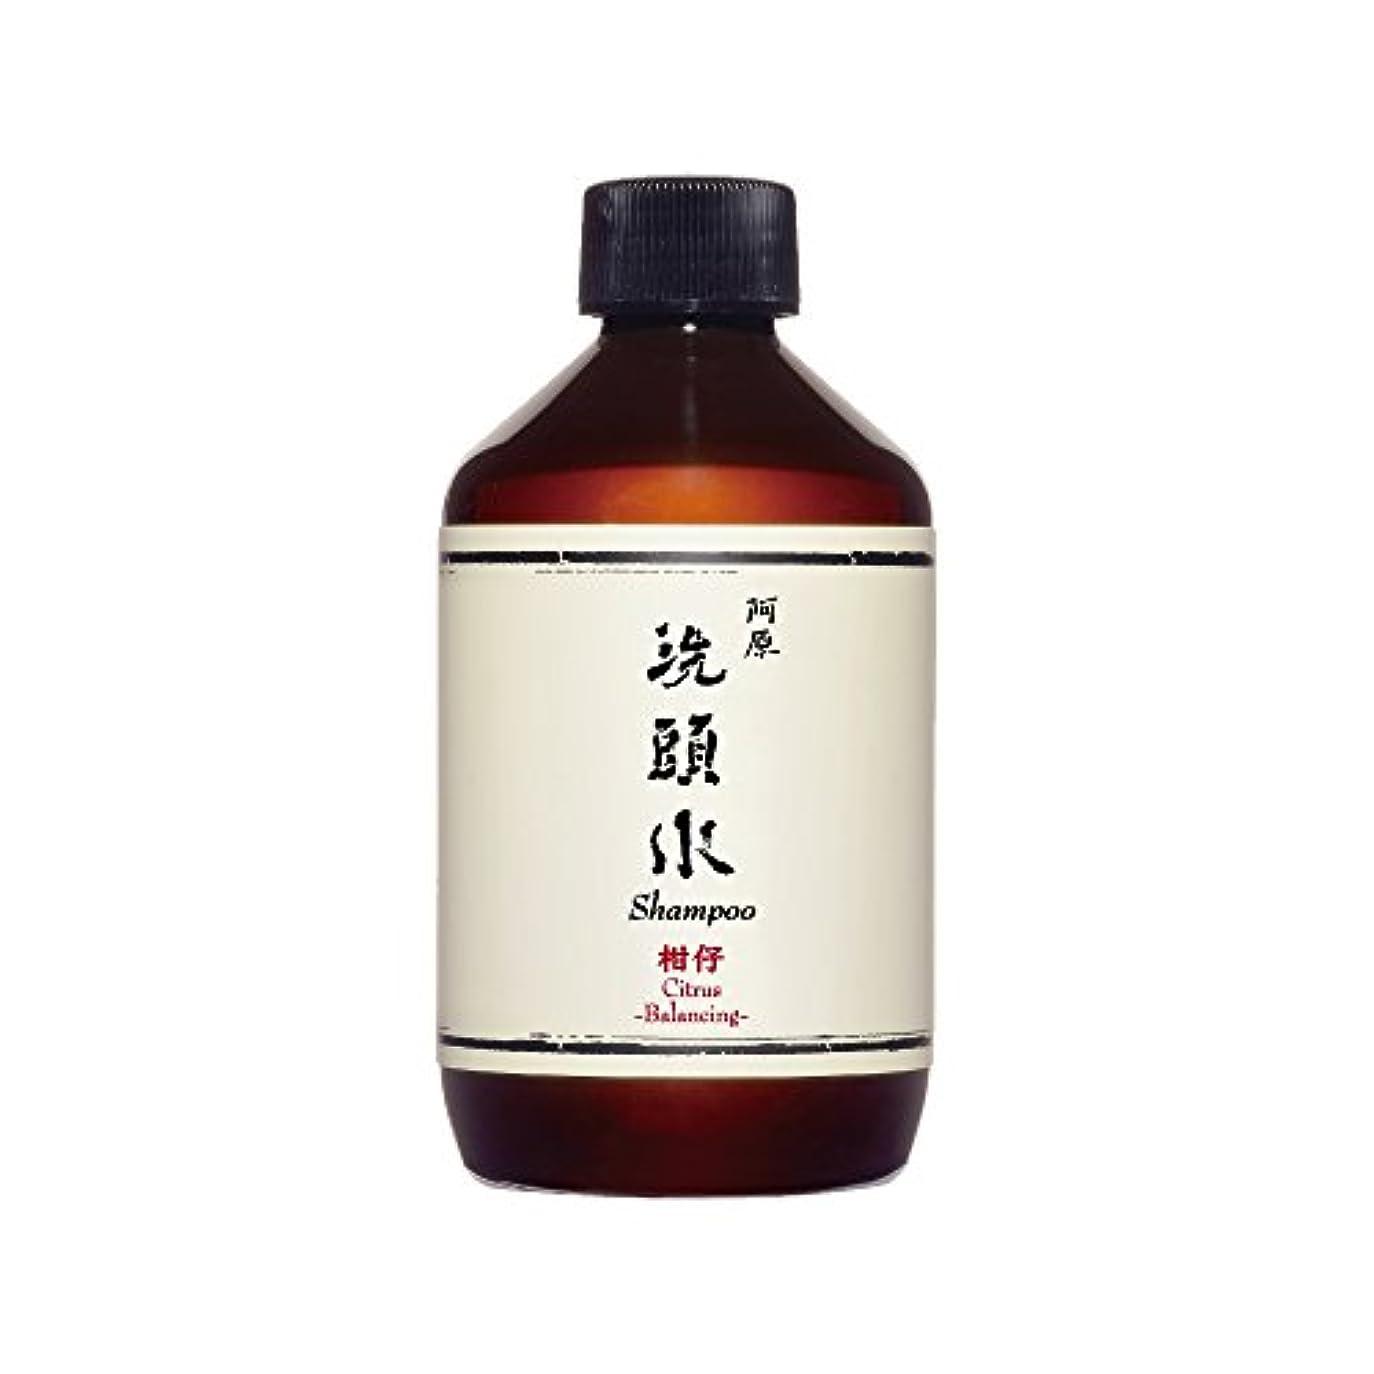 ジュラシックパーク忌み嫌う受益者YUAN(ユアン) 柑仔(ミカン)スカルプシャンプー 50ml